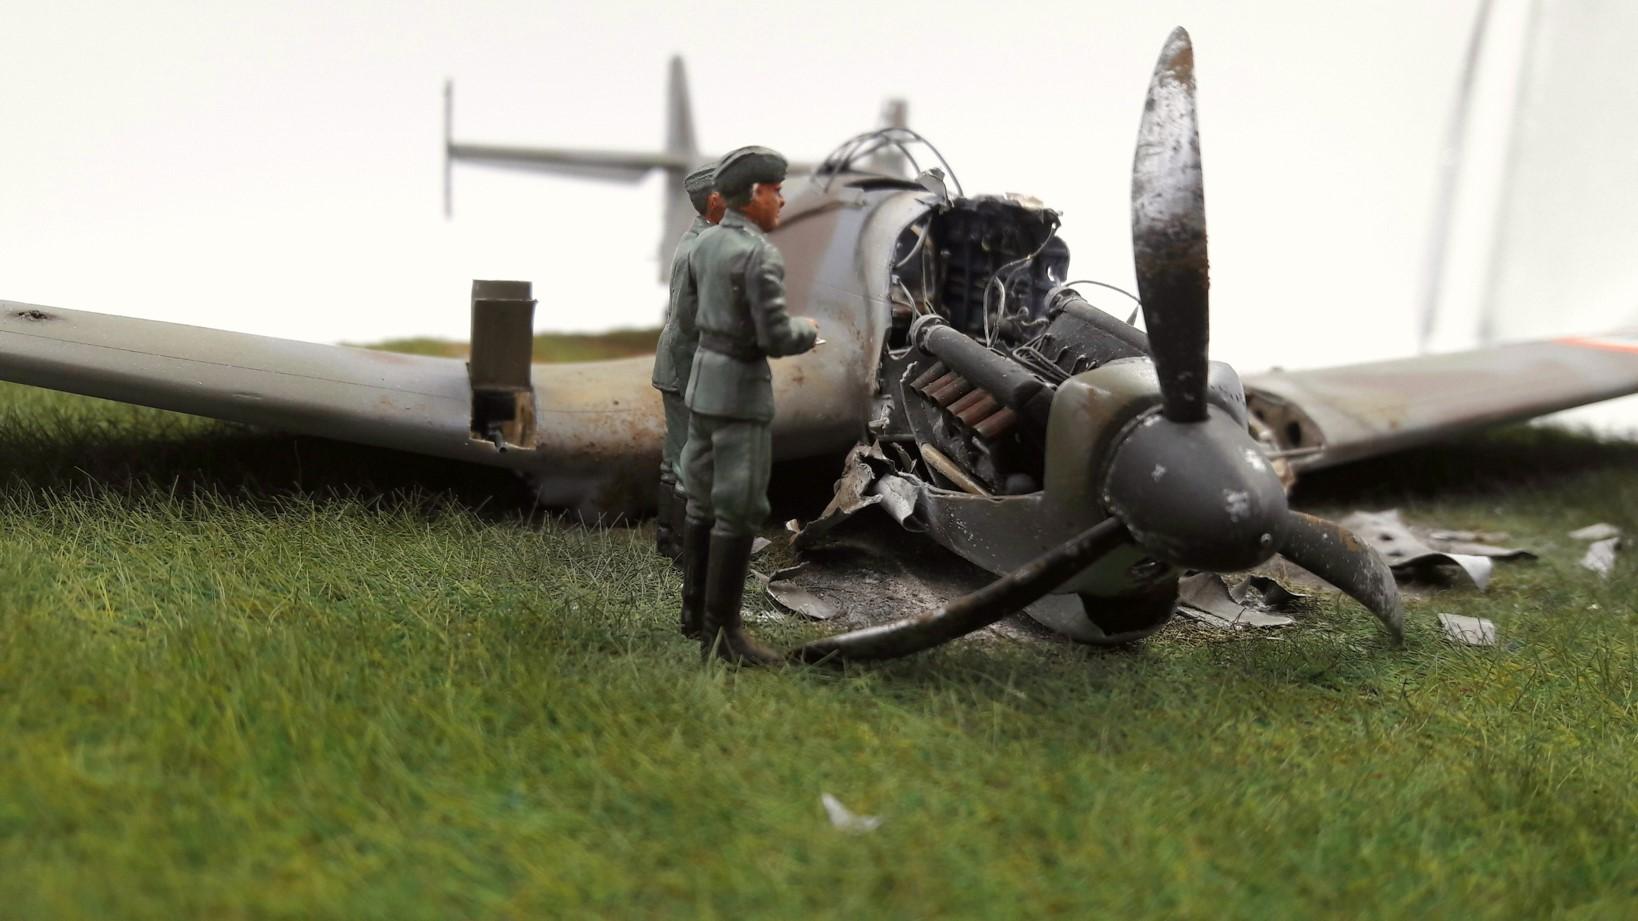 [Concours Aéronavale] Loire Nieuport 401/411 -  Special hobby 1/48 - crash à Villereau -le sacrifice des marins aviateurs du 19 mai 1940 - Mission Berlaimont  Image478